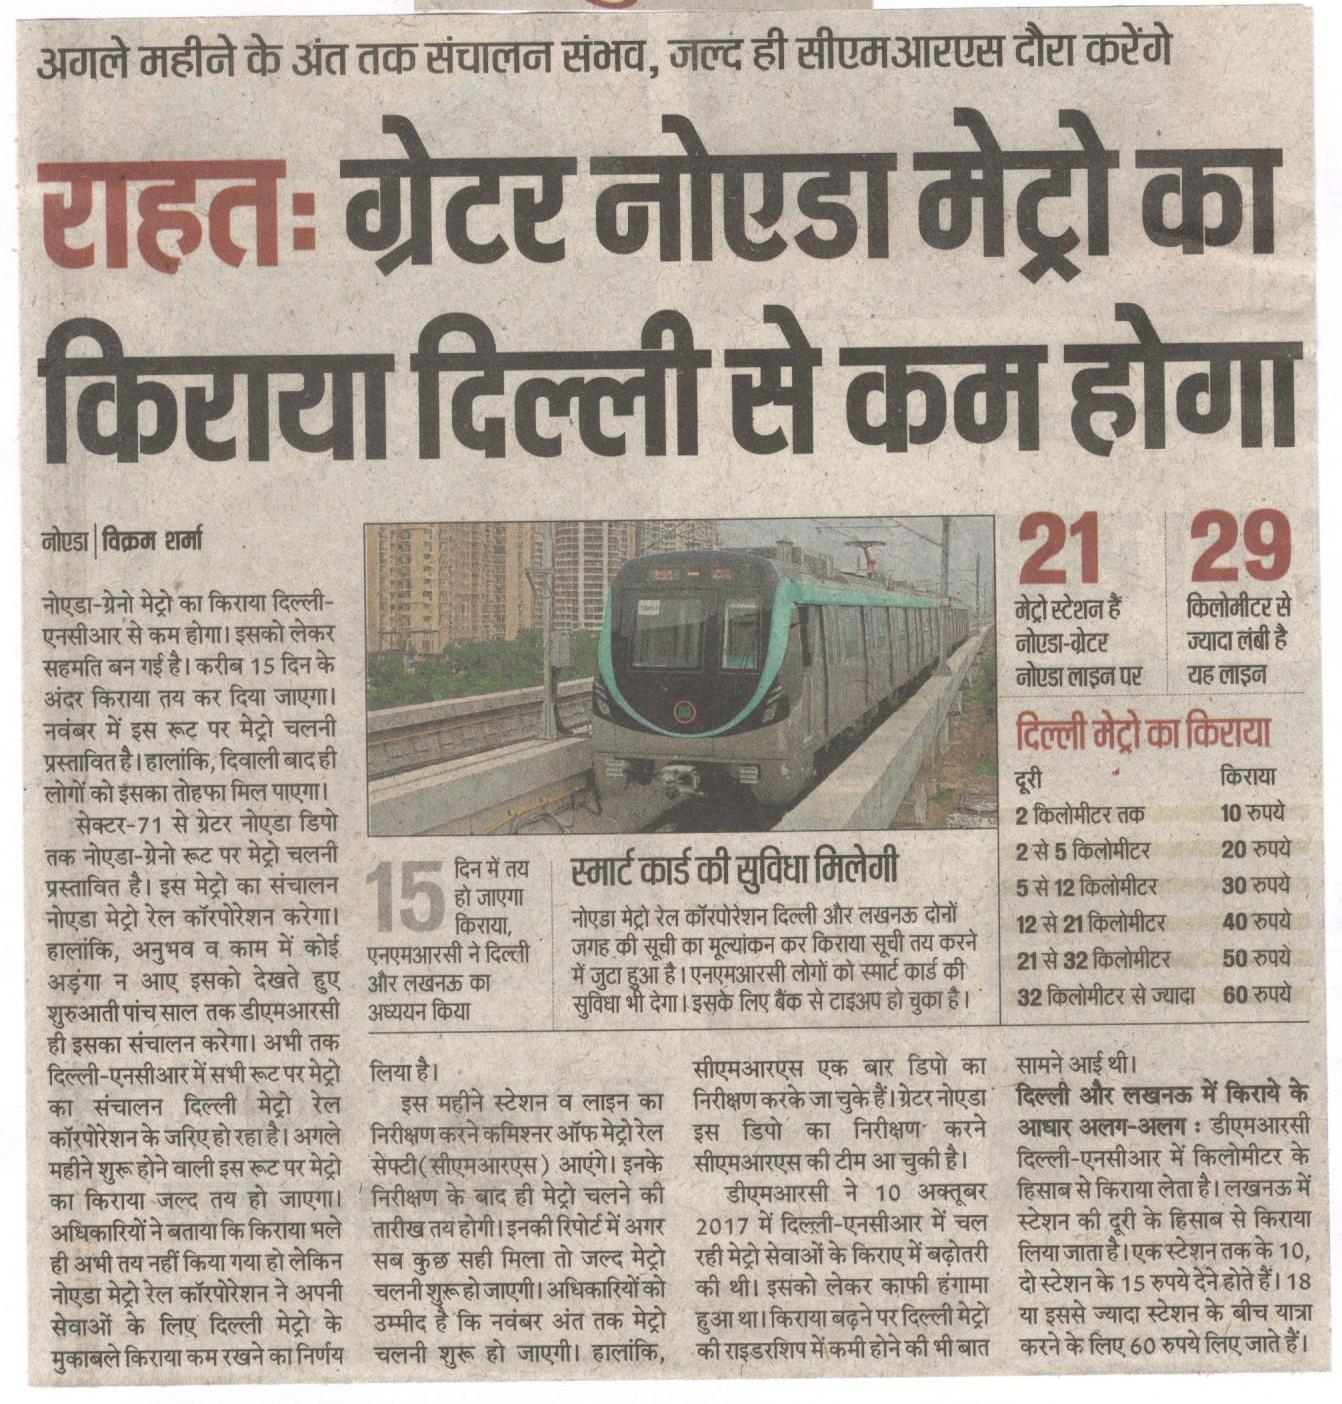 राहत - ग्रेटर नॉएडा मेट्रो का किराया दिल्ली से कम होगा